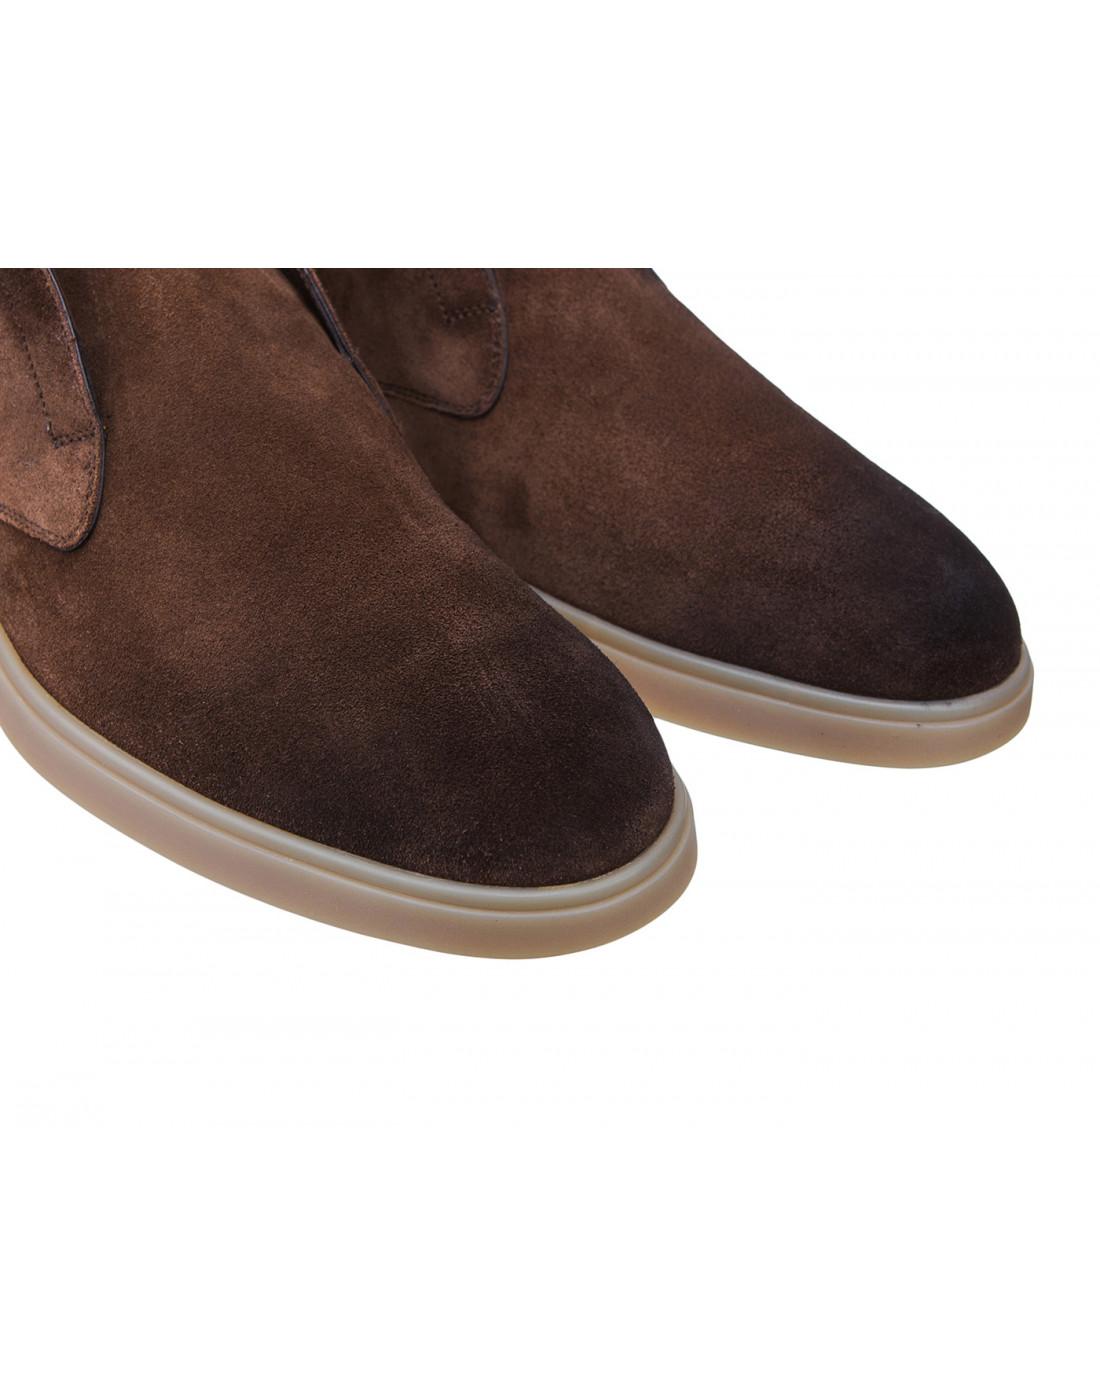 Ботинки коричневые мужские Santoni S15777-4